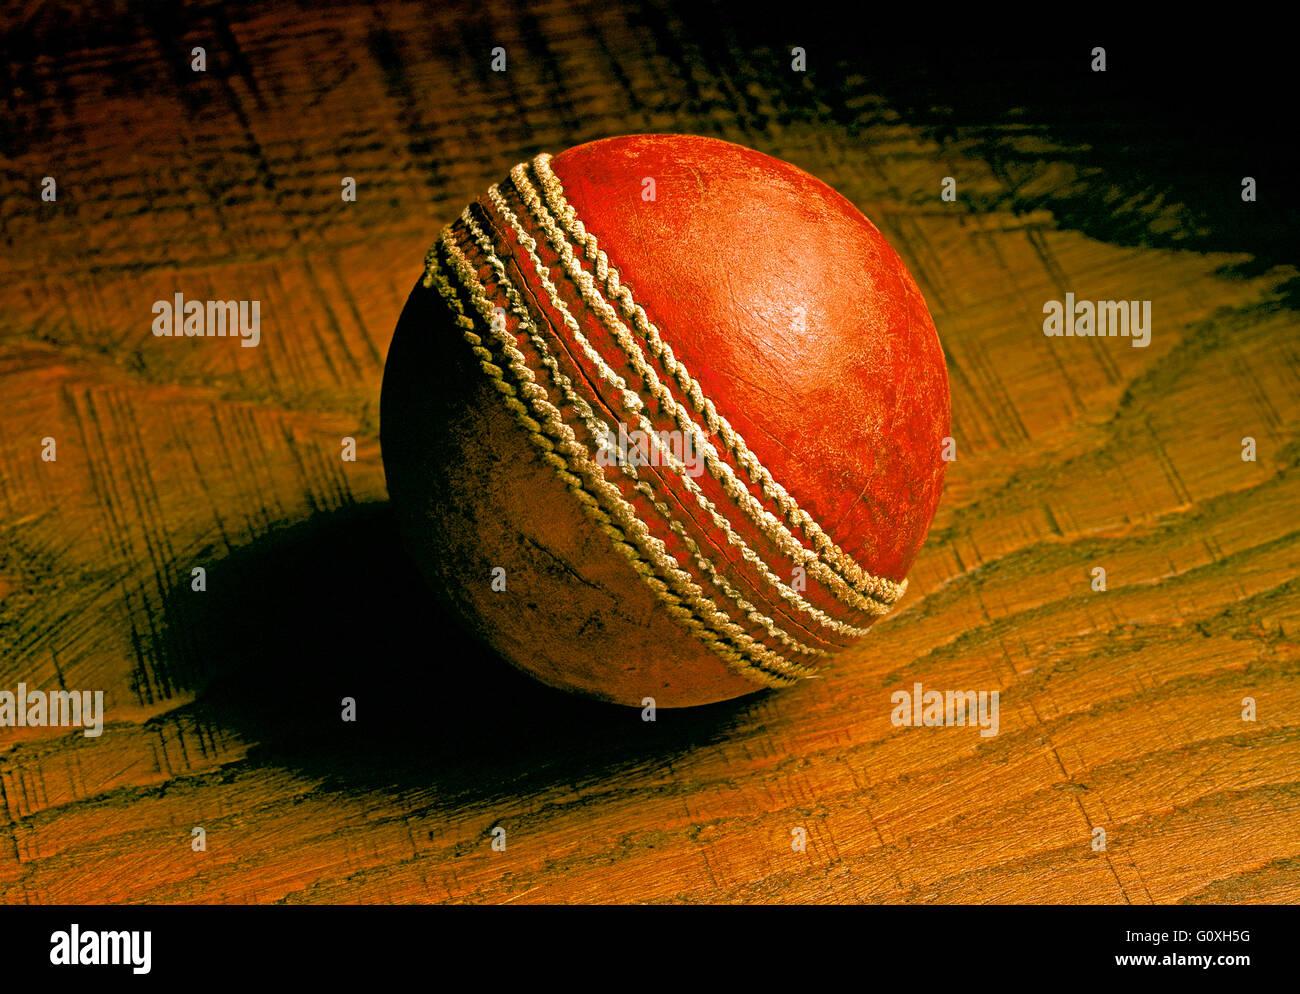 Bola de cricket viejos y usados de cuero rojo bola de críquet Imagen De Stock